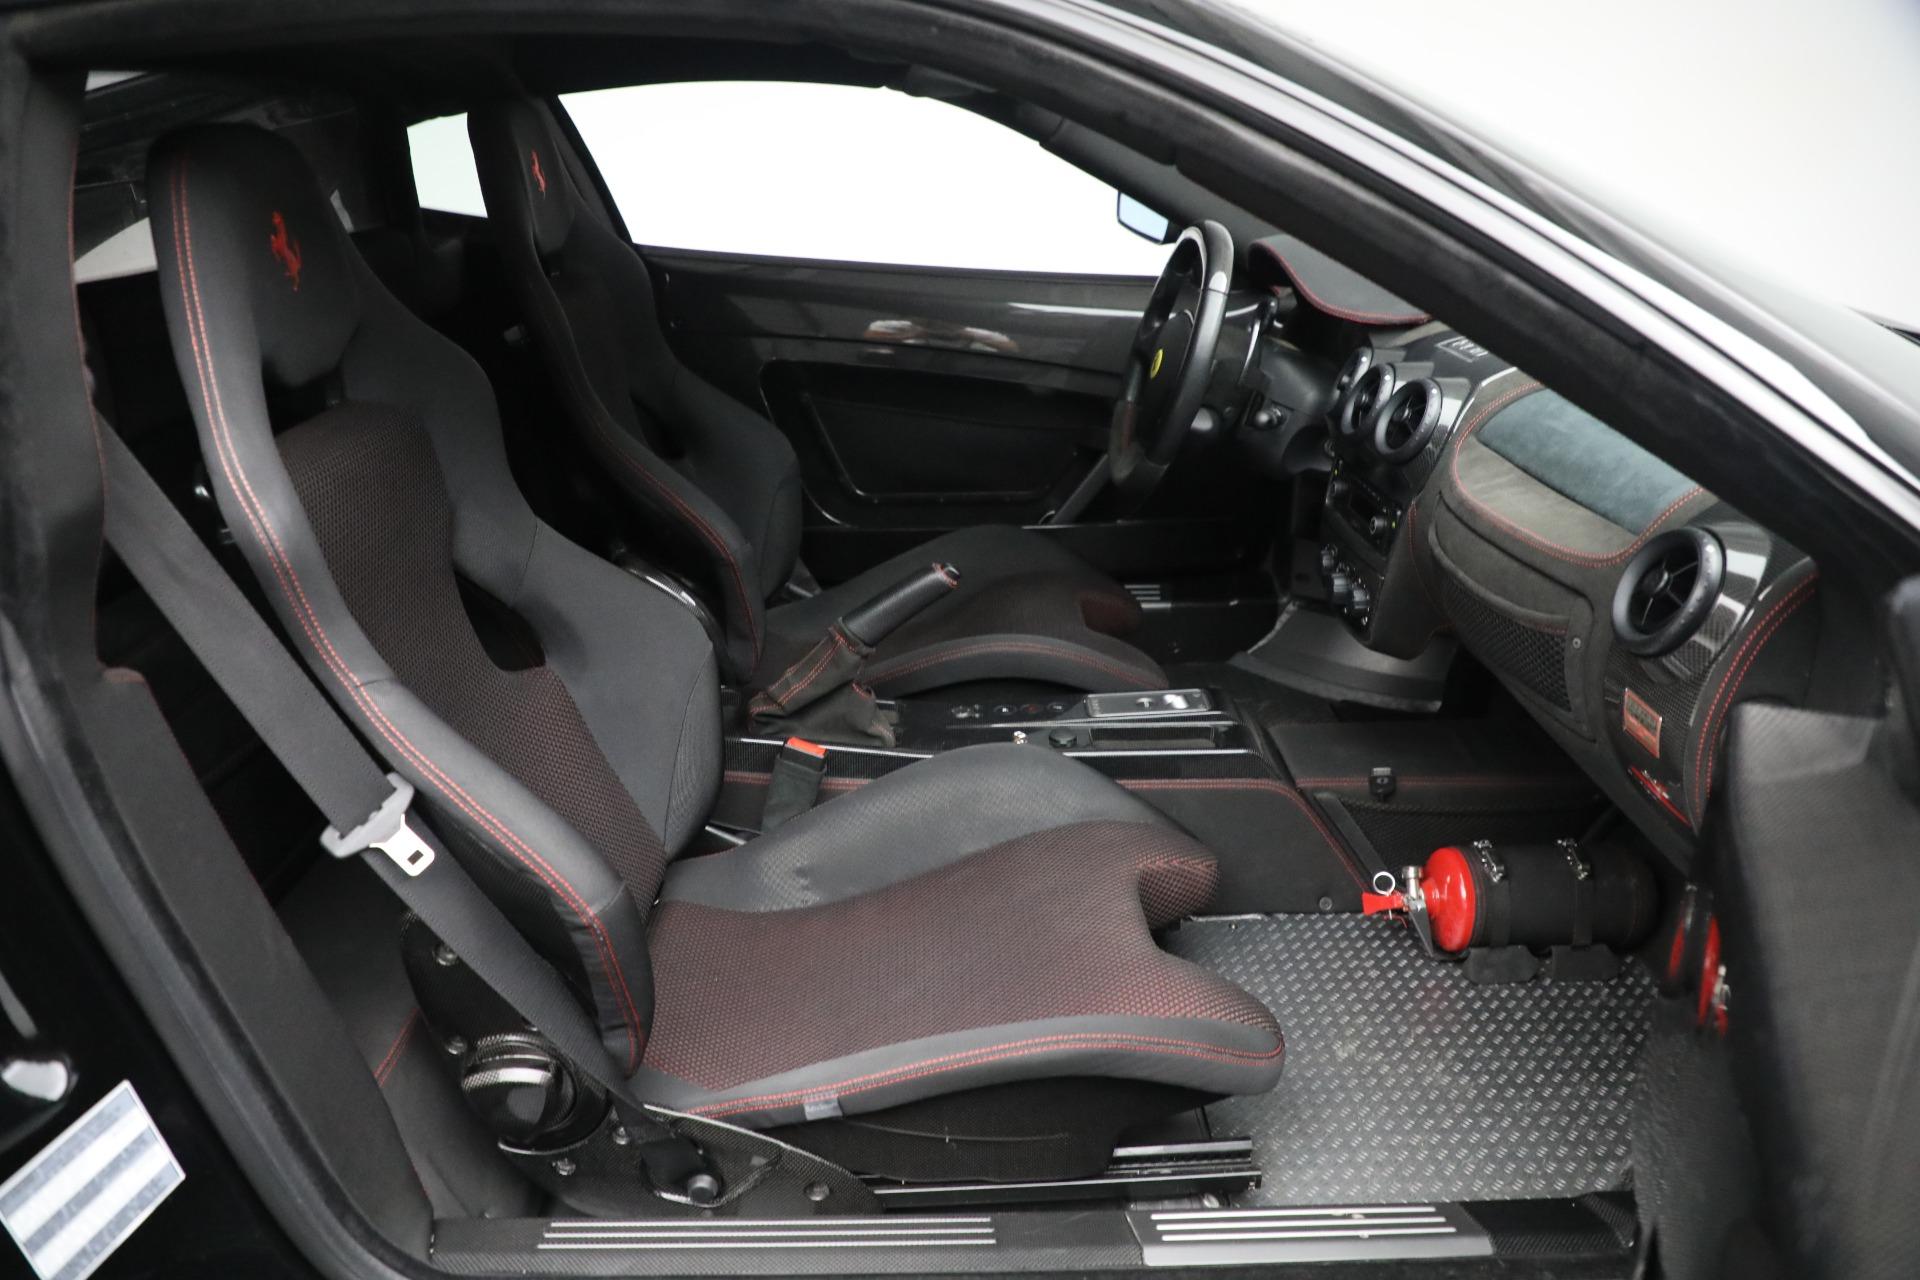 Used 2008 Ferrari F430 Scuderia For Sale In Greenwich, CT 3500_p17